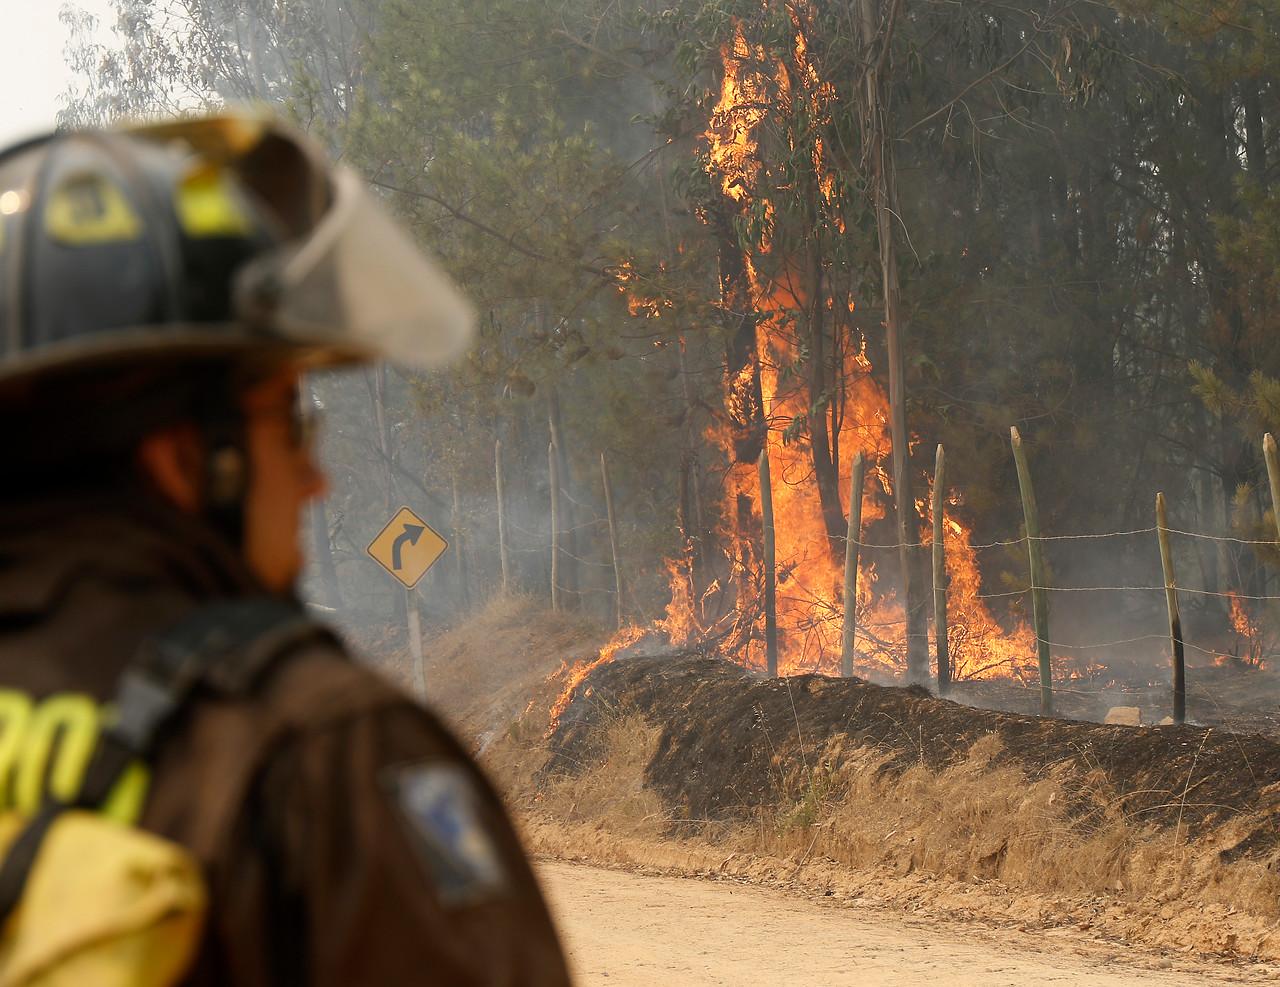 CGE ante formalización de ejecutivo por incendio: No hay fundamento para atribuir ninguna responsabilidad